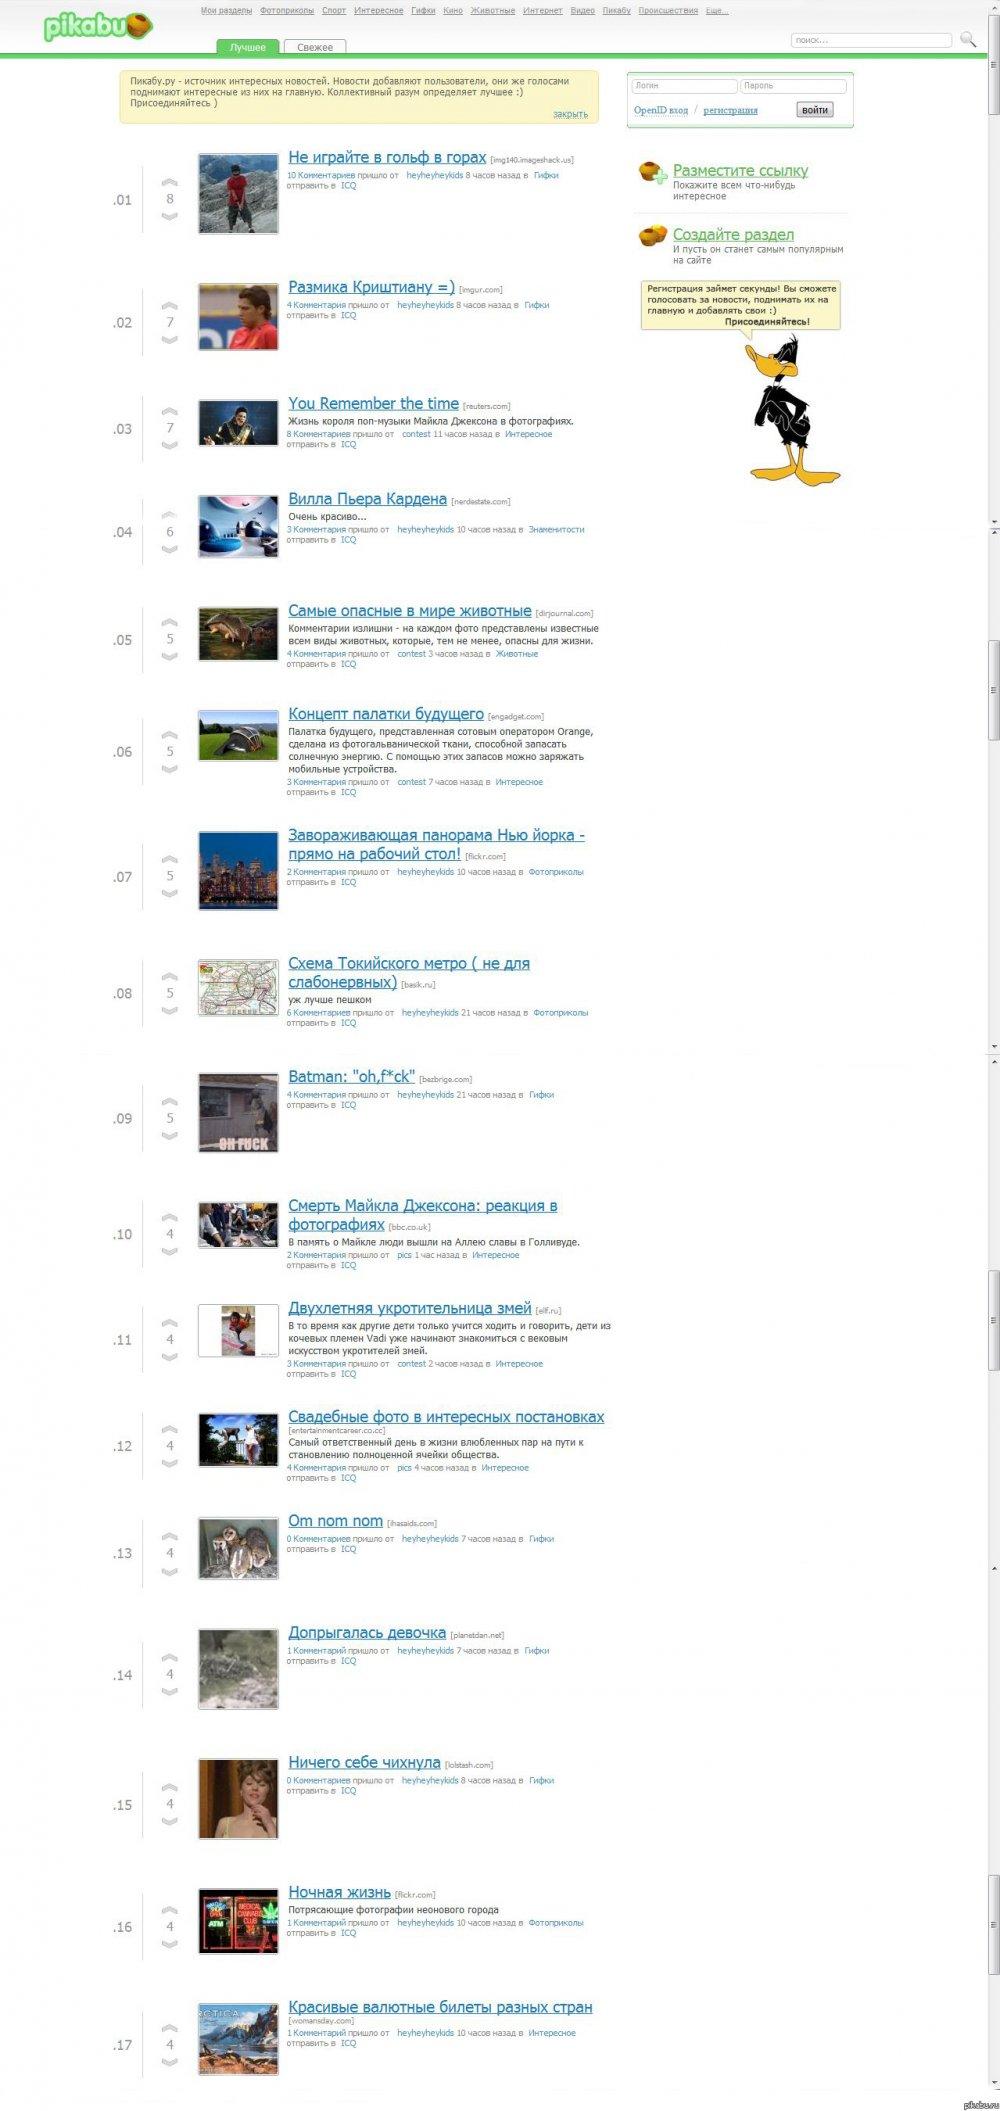 Пикабу 2009 года, самые первые посты. / .  Мобильная версия Pikabu.